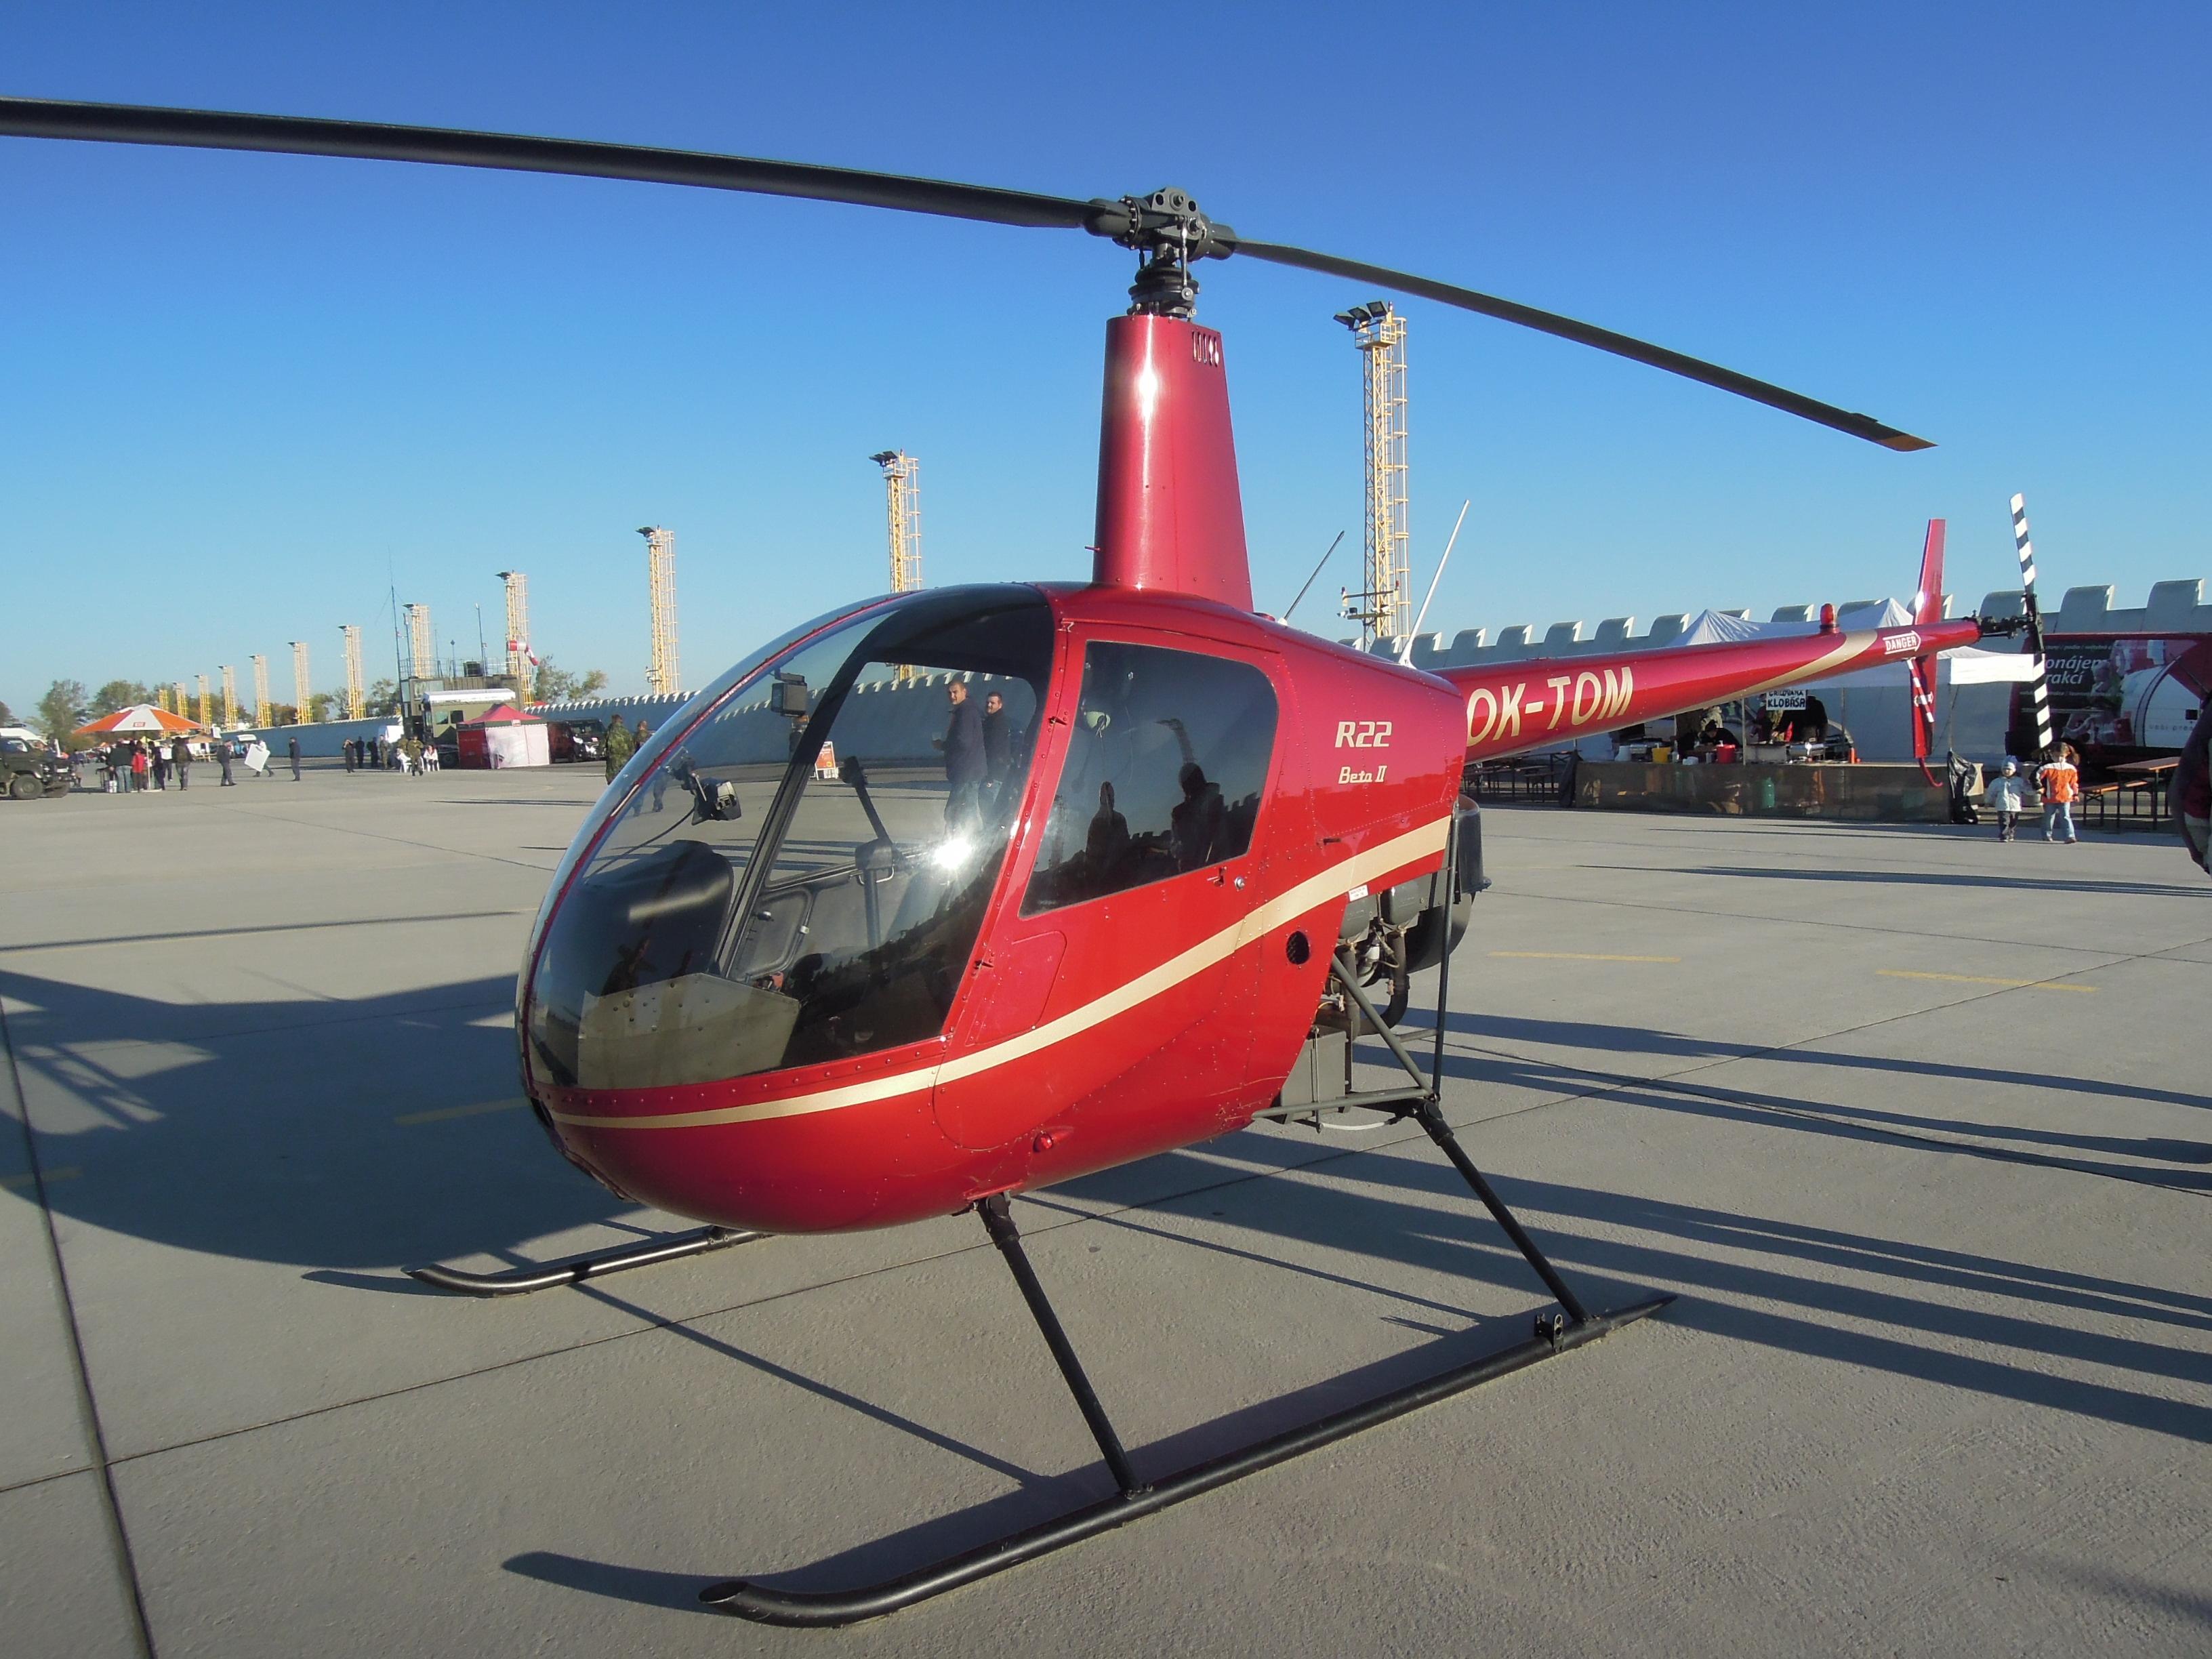 Elicottero R22 : Elicottero di smurd fotografia editoriale immagine di emergenza